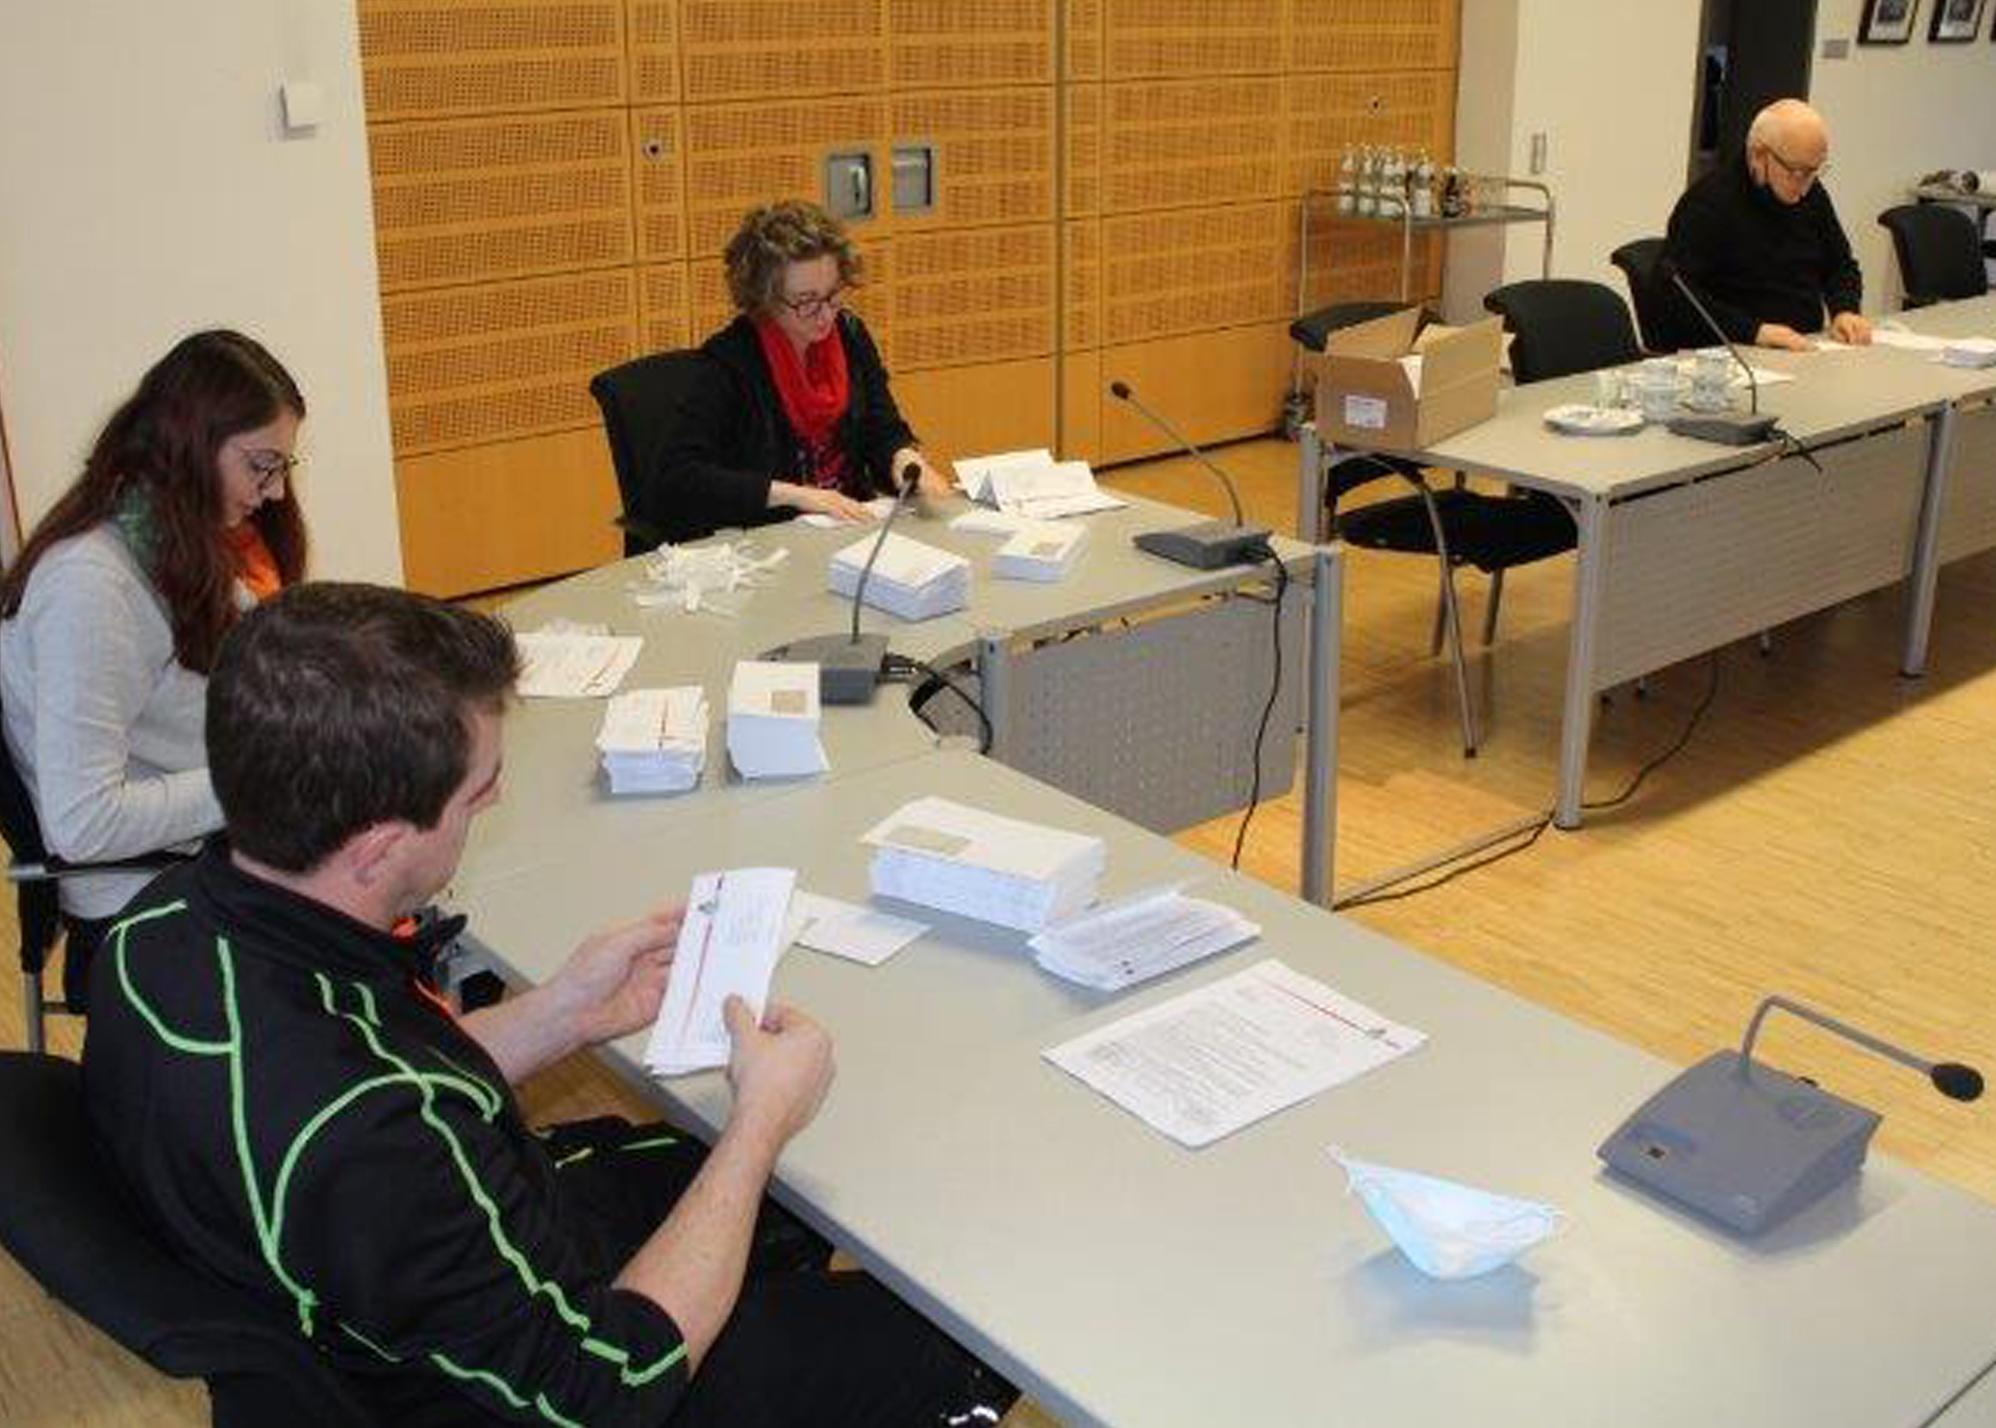 Mitarbeiter und Ehrenamtliche beim Vorbereiten der Informationsbriefe. Bürgermeister Kunkel (re) legt selbst mit Hand an.